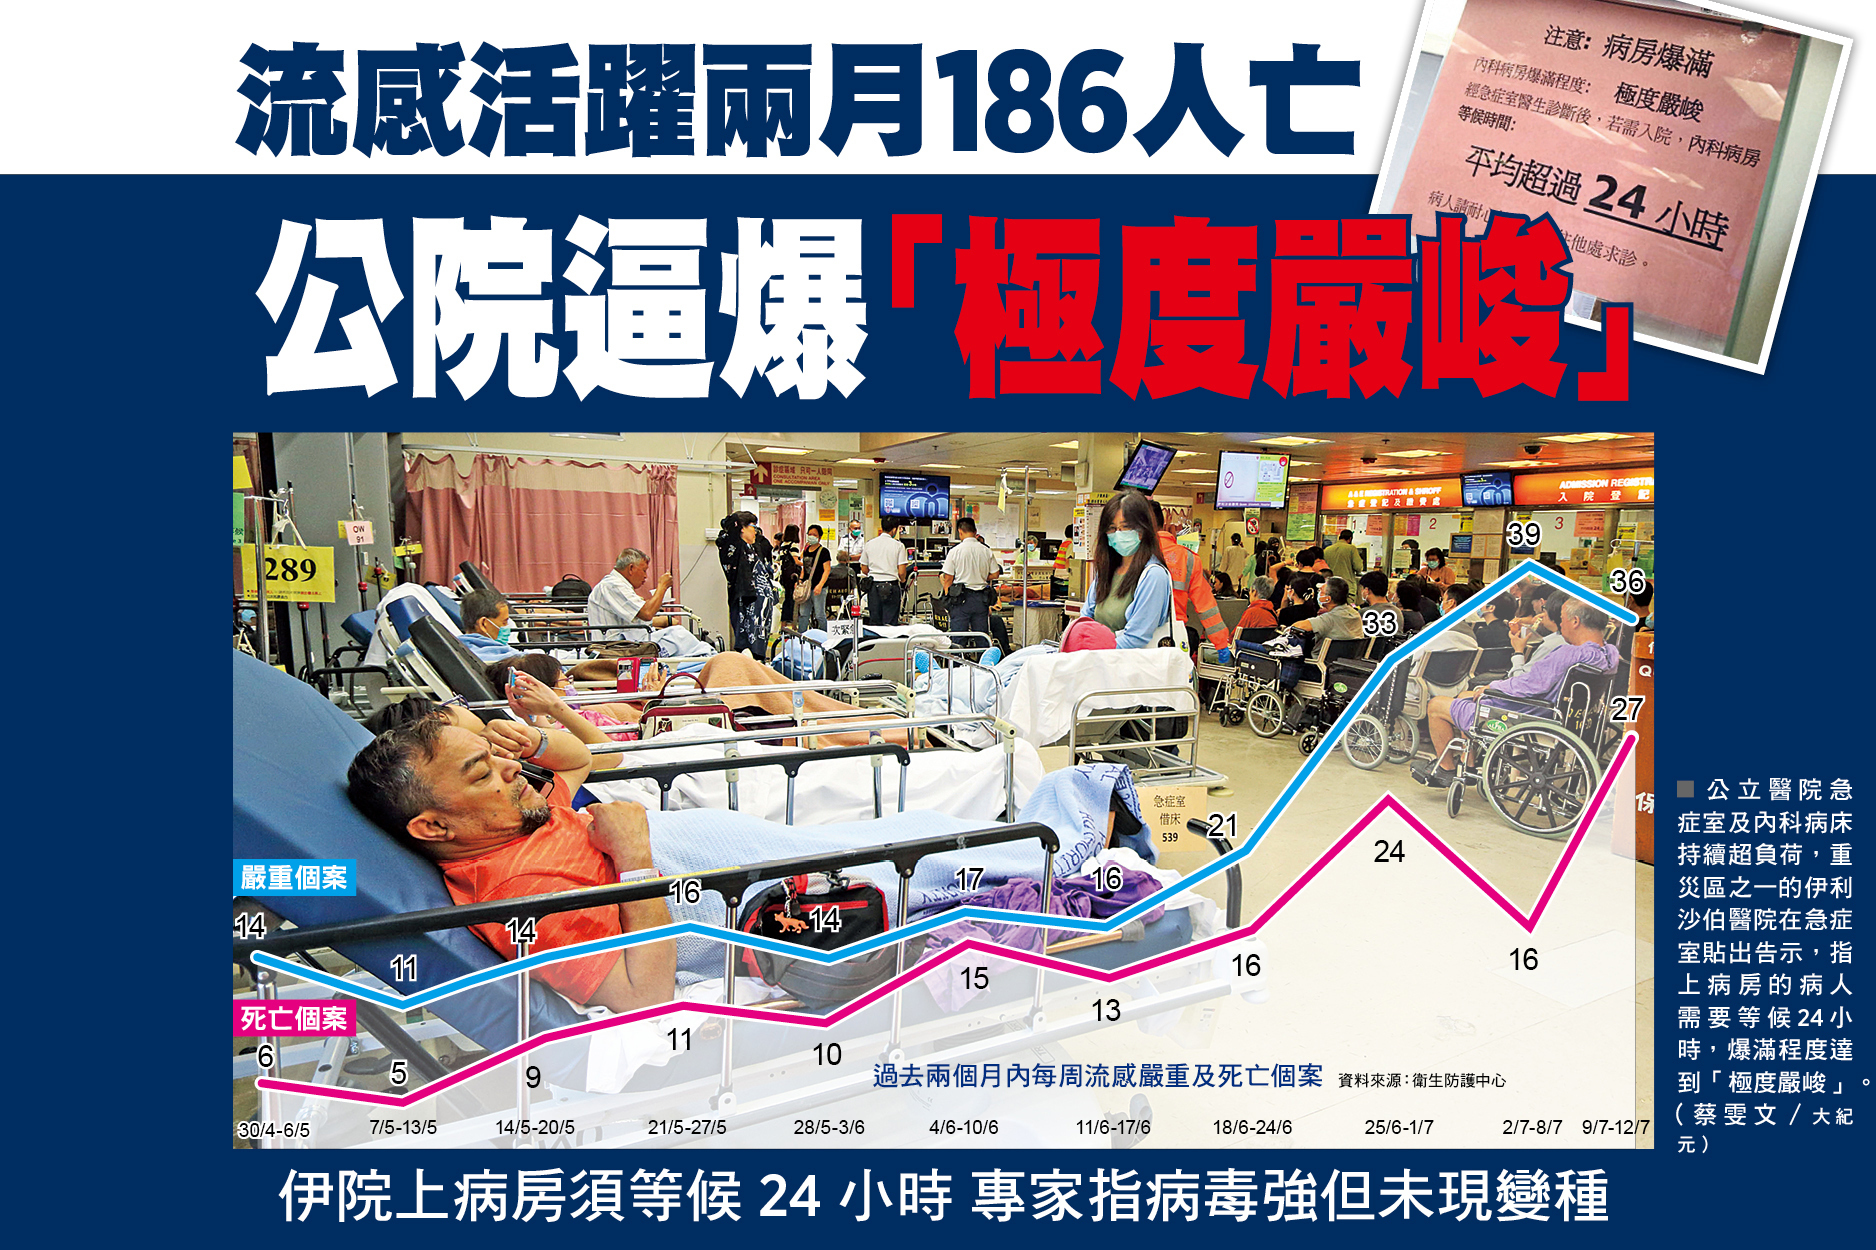 流感活躍兩月186人亡 公院逼爆「極度嚴峻」